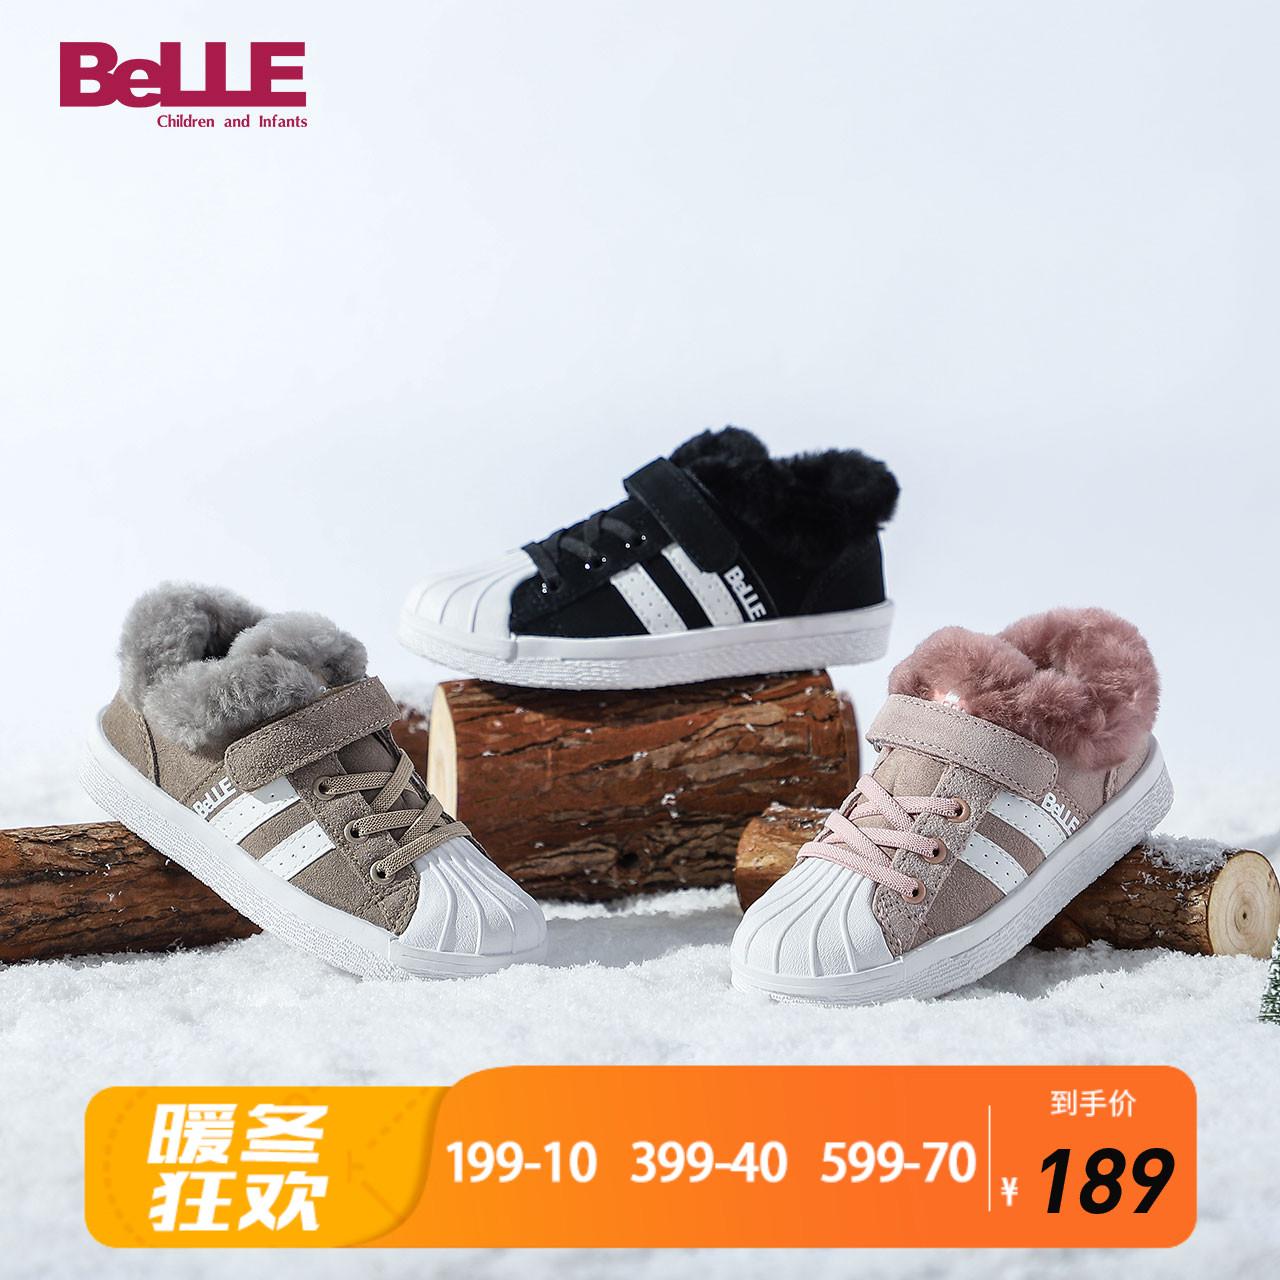 百丽童鞋男童贝壳头板鞋19冬季中大童一脚蹬休闲鞋女童加绒运动鞋